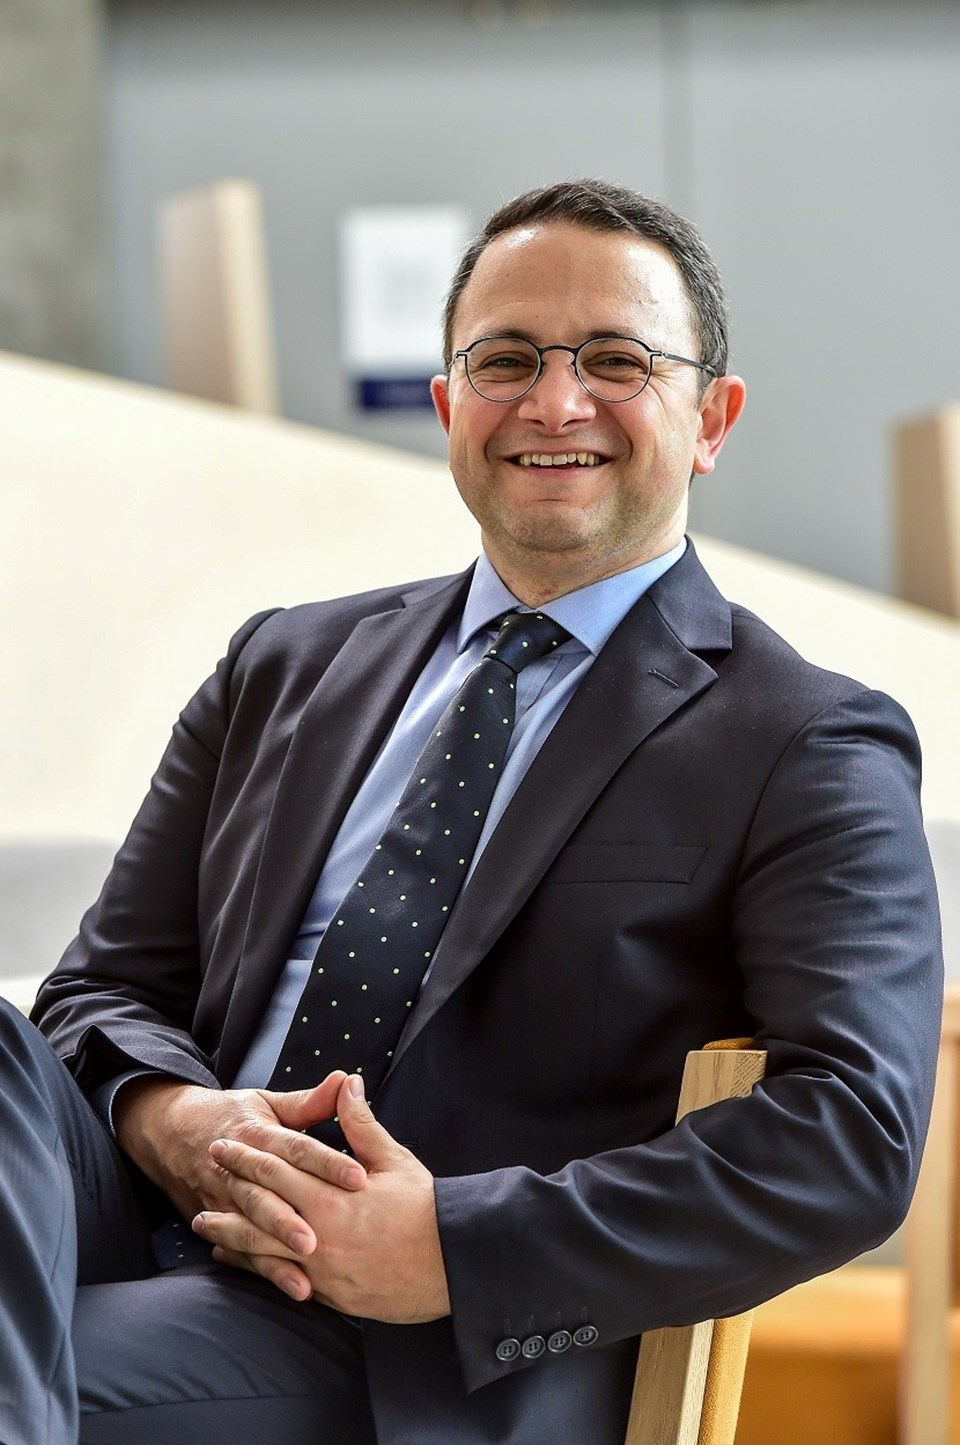 Akfen Yenilenebilir Enerji A.Ş. Genel Müdürü Kayrıl Karabeyoğlu